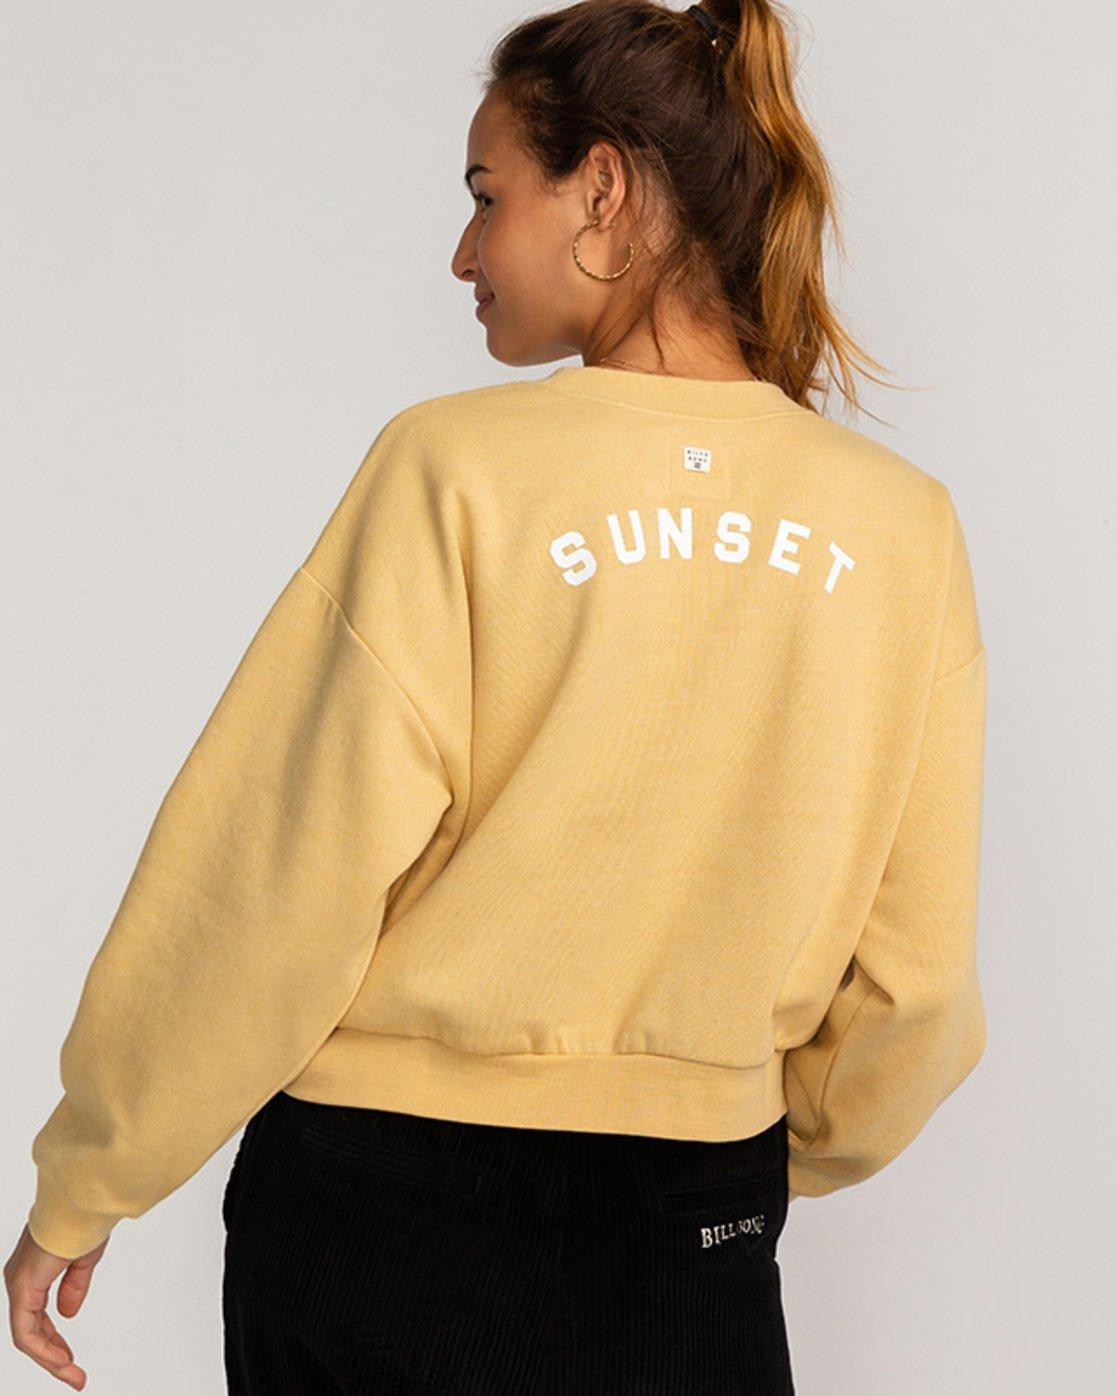 Be Mindful Sweatshirt für Frauen 3665601232785   Billabong